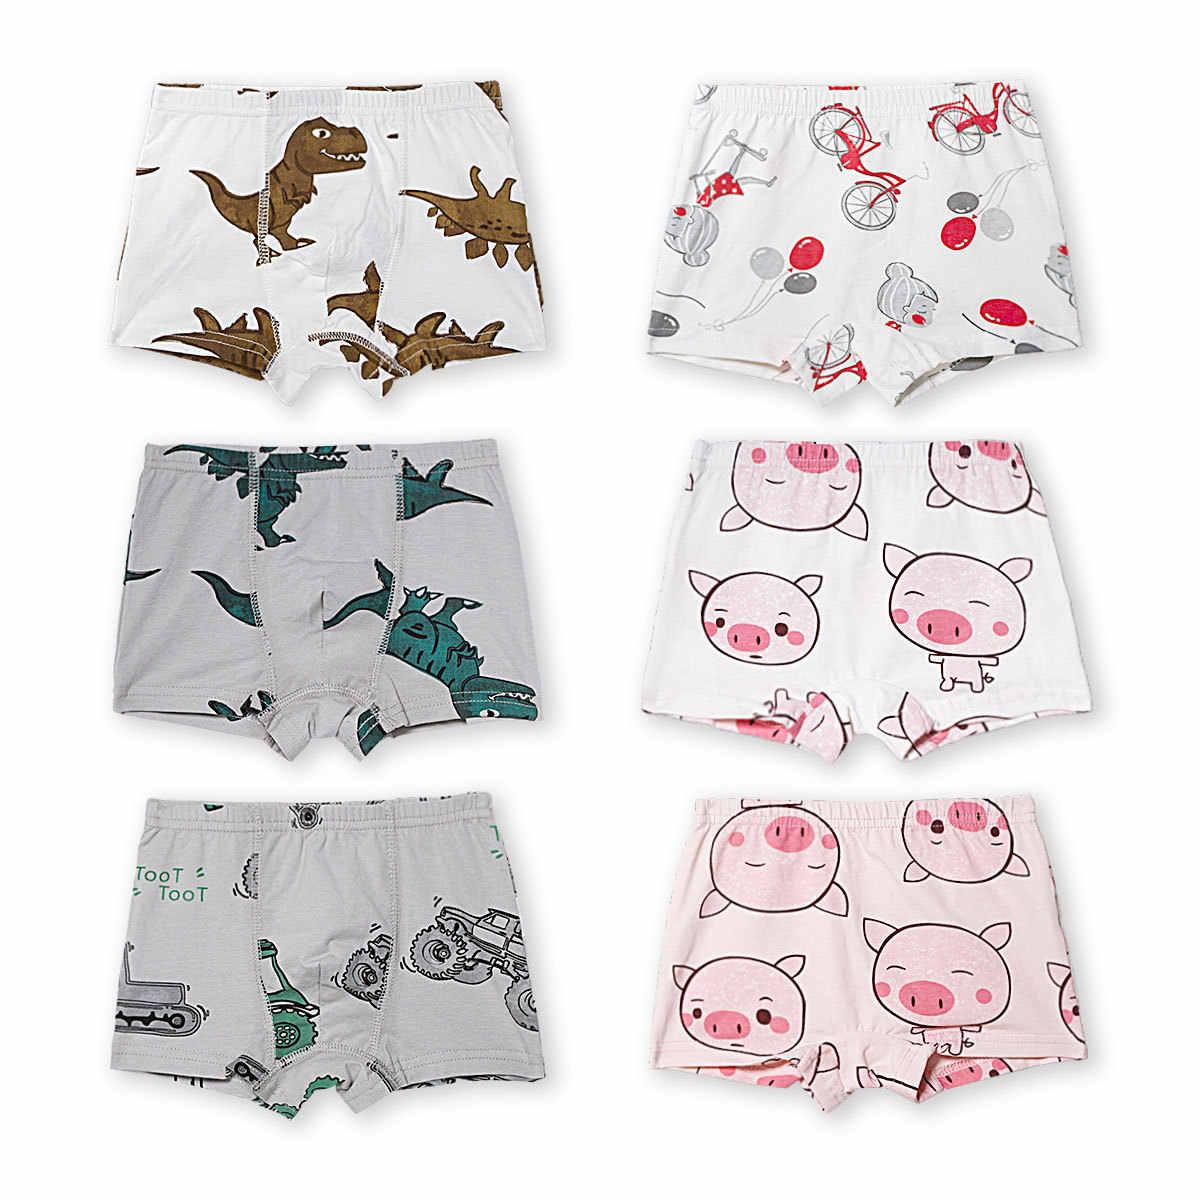 3 упаковки в форме штанов Новое Стильное детское нижнее белье трусы боксеры из